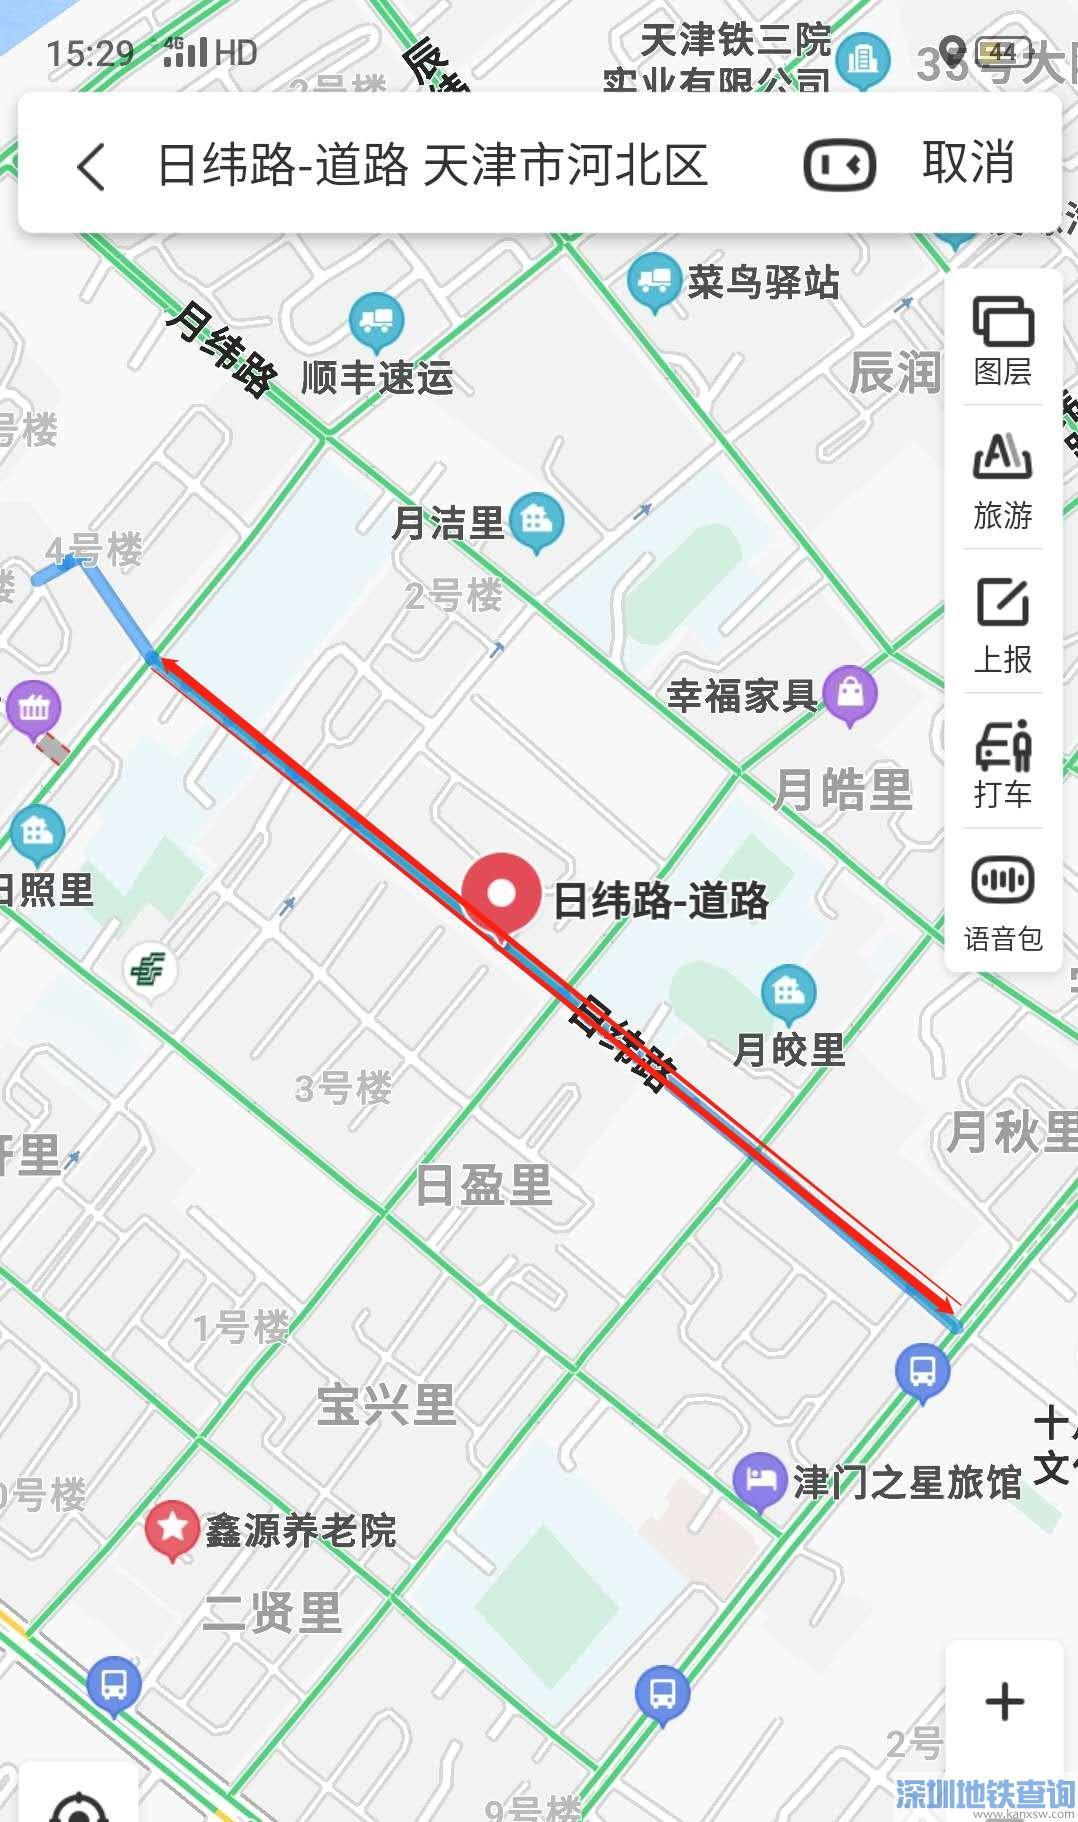 2020天津河北区日纬路最新禁行时间+禁行区域